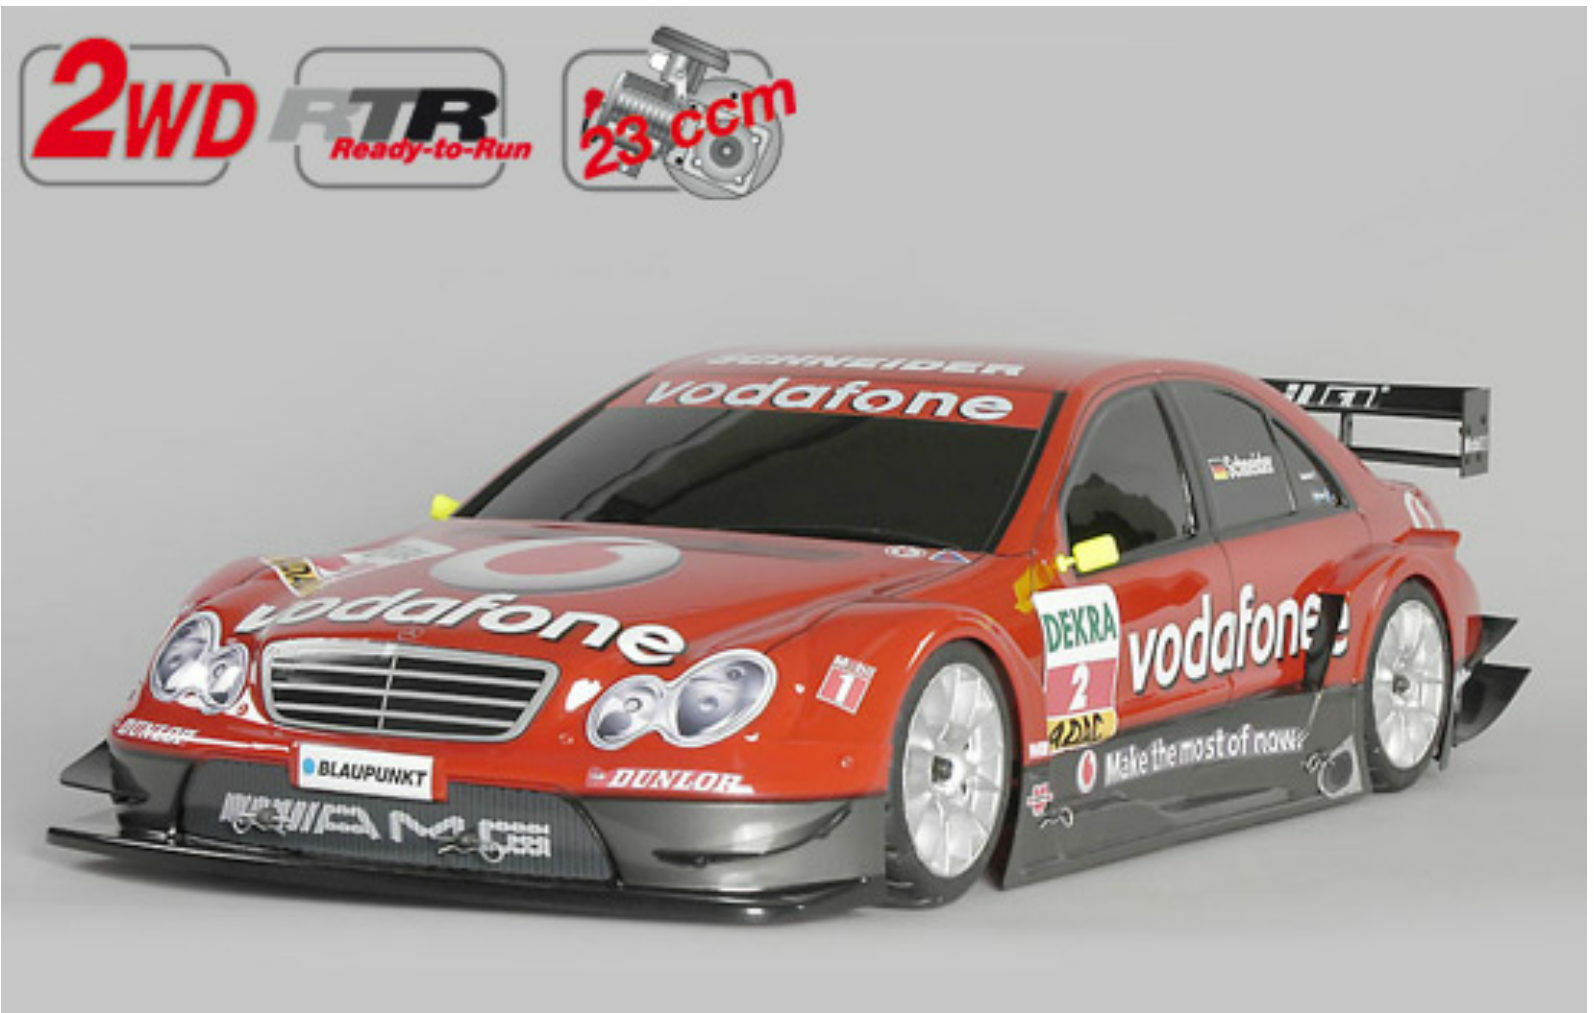 FG modellsport r NUEVO 2wd 530 Chasis RTR + MERCEDES BENZ BODY 23 CCM